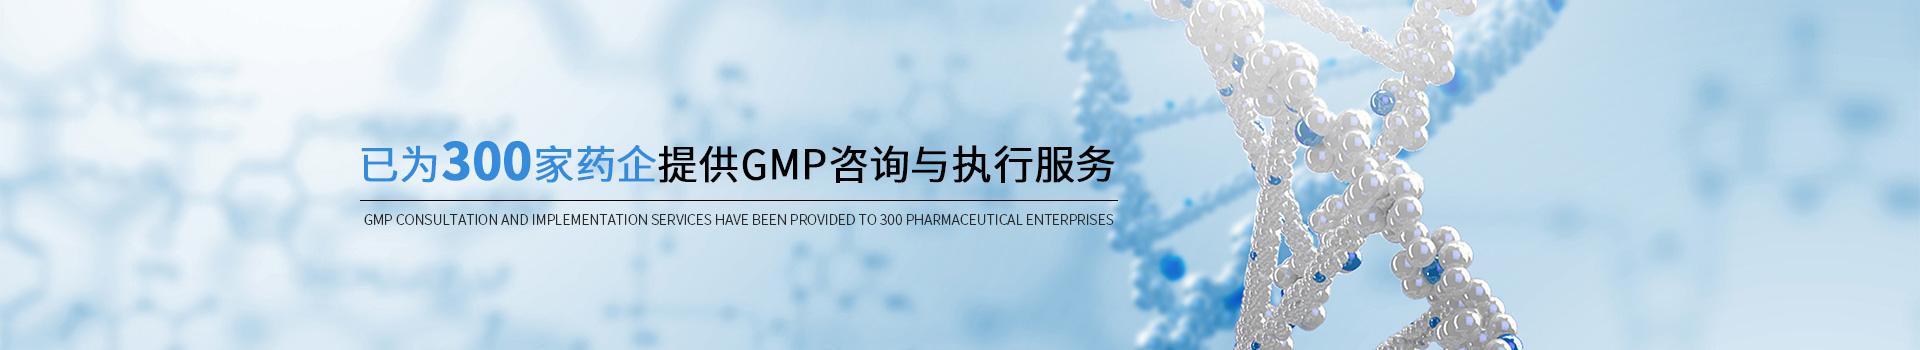 达沃医药已为300家药企   提供GMP咨询与执行服务